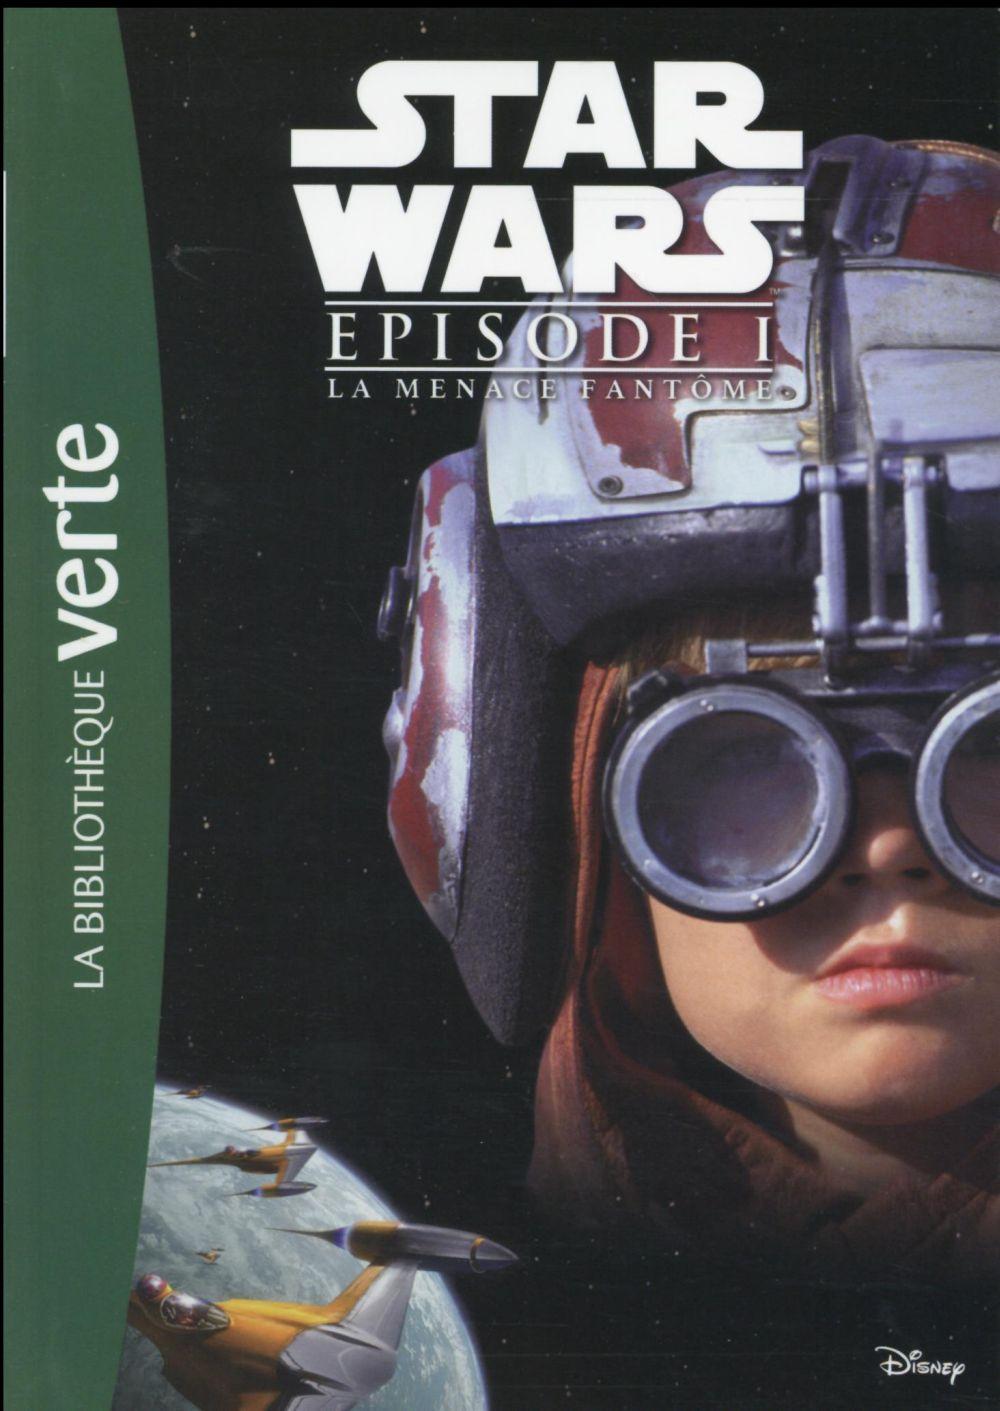 STAR WARS - EPISODE I  -  LA MENACE FANTOME  -  LE ROMAN DU FILM XXX